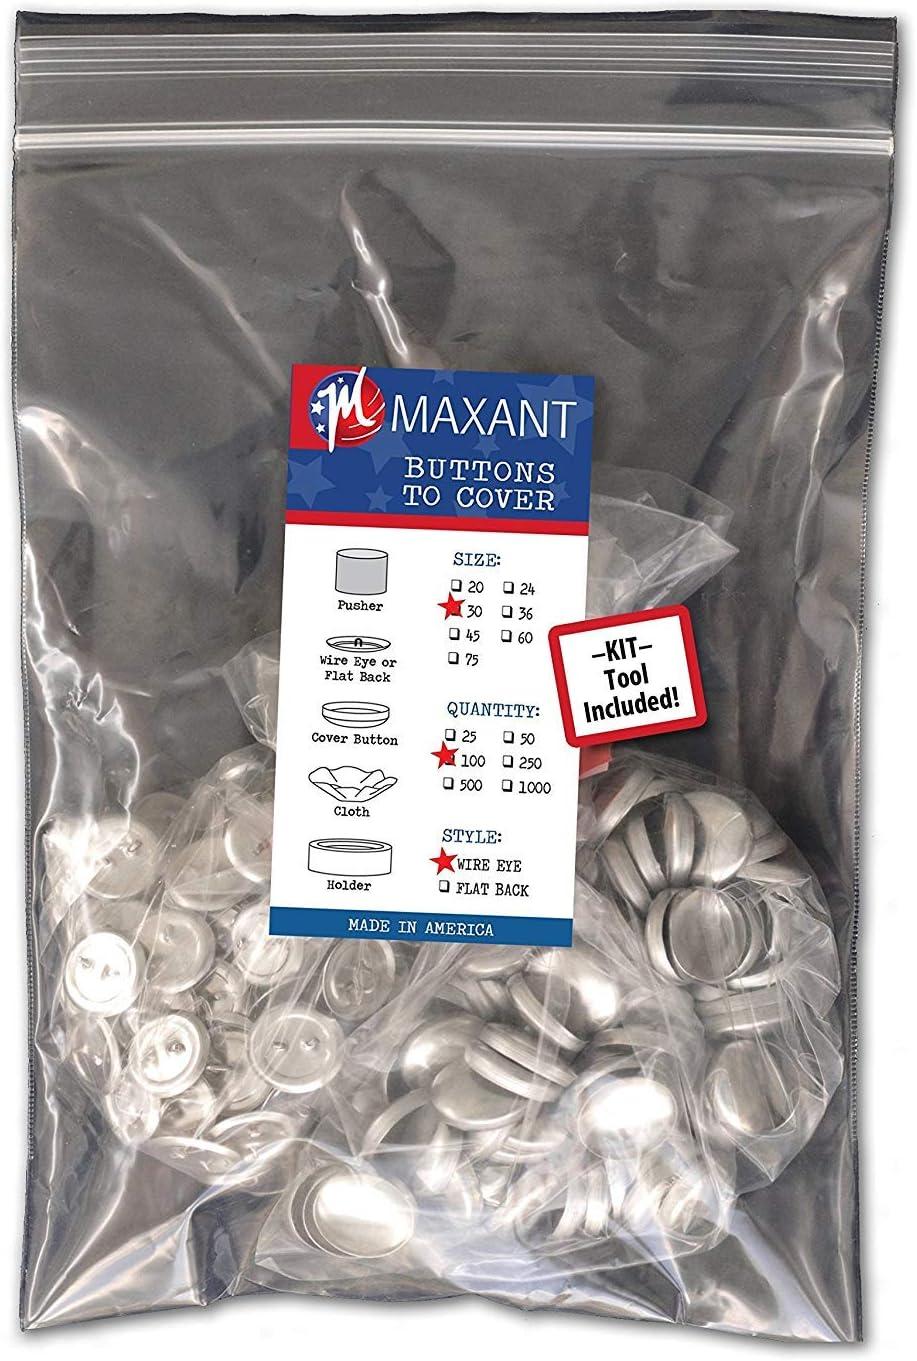 Botones para forrar por ti mismo con respaldo con ojales de alabre - fabricados en EE.UU - Size 30 Wire - Qty 100